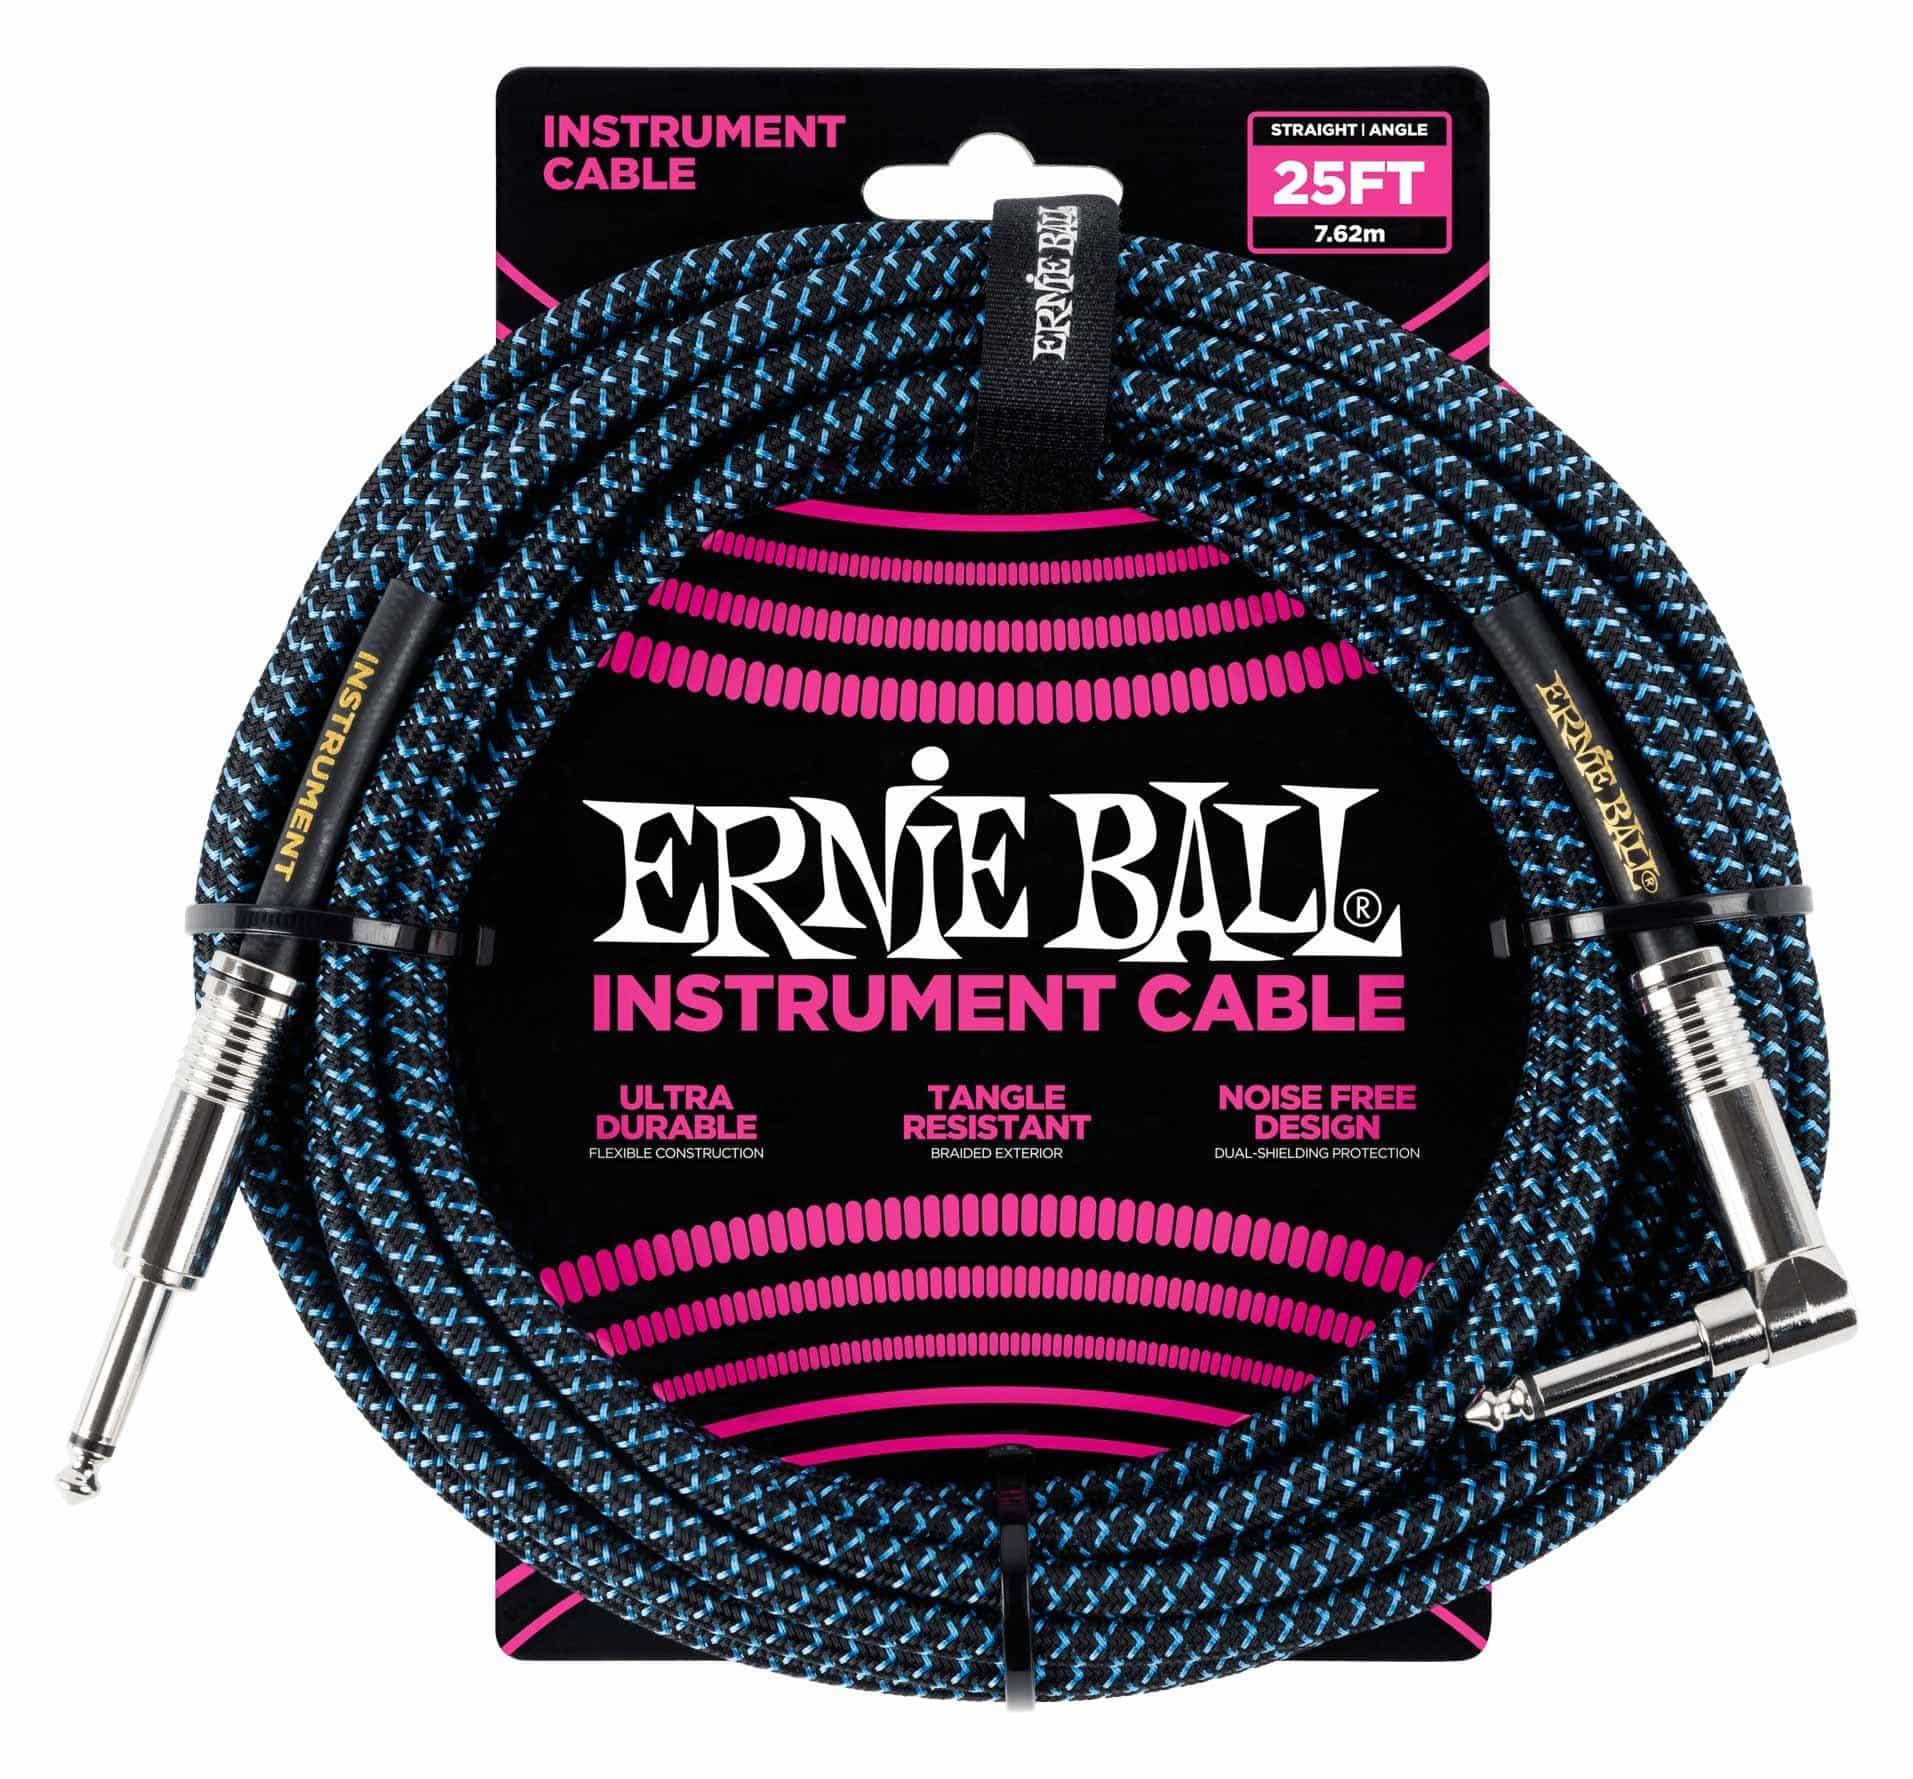 Kabelmulticores - Ernie Ball 6060 Instrumentenkabel 7,62 m Schwarz|Blau - Onlineshop Musikhaus Kirstein